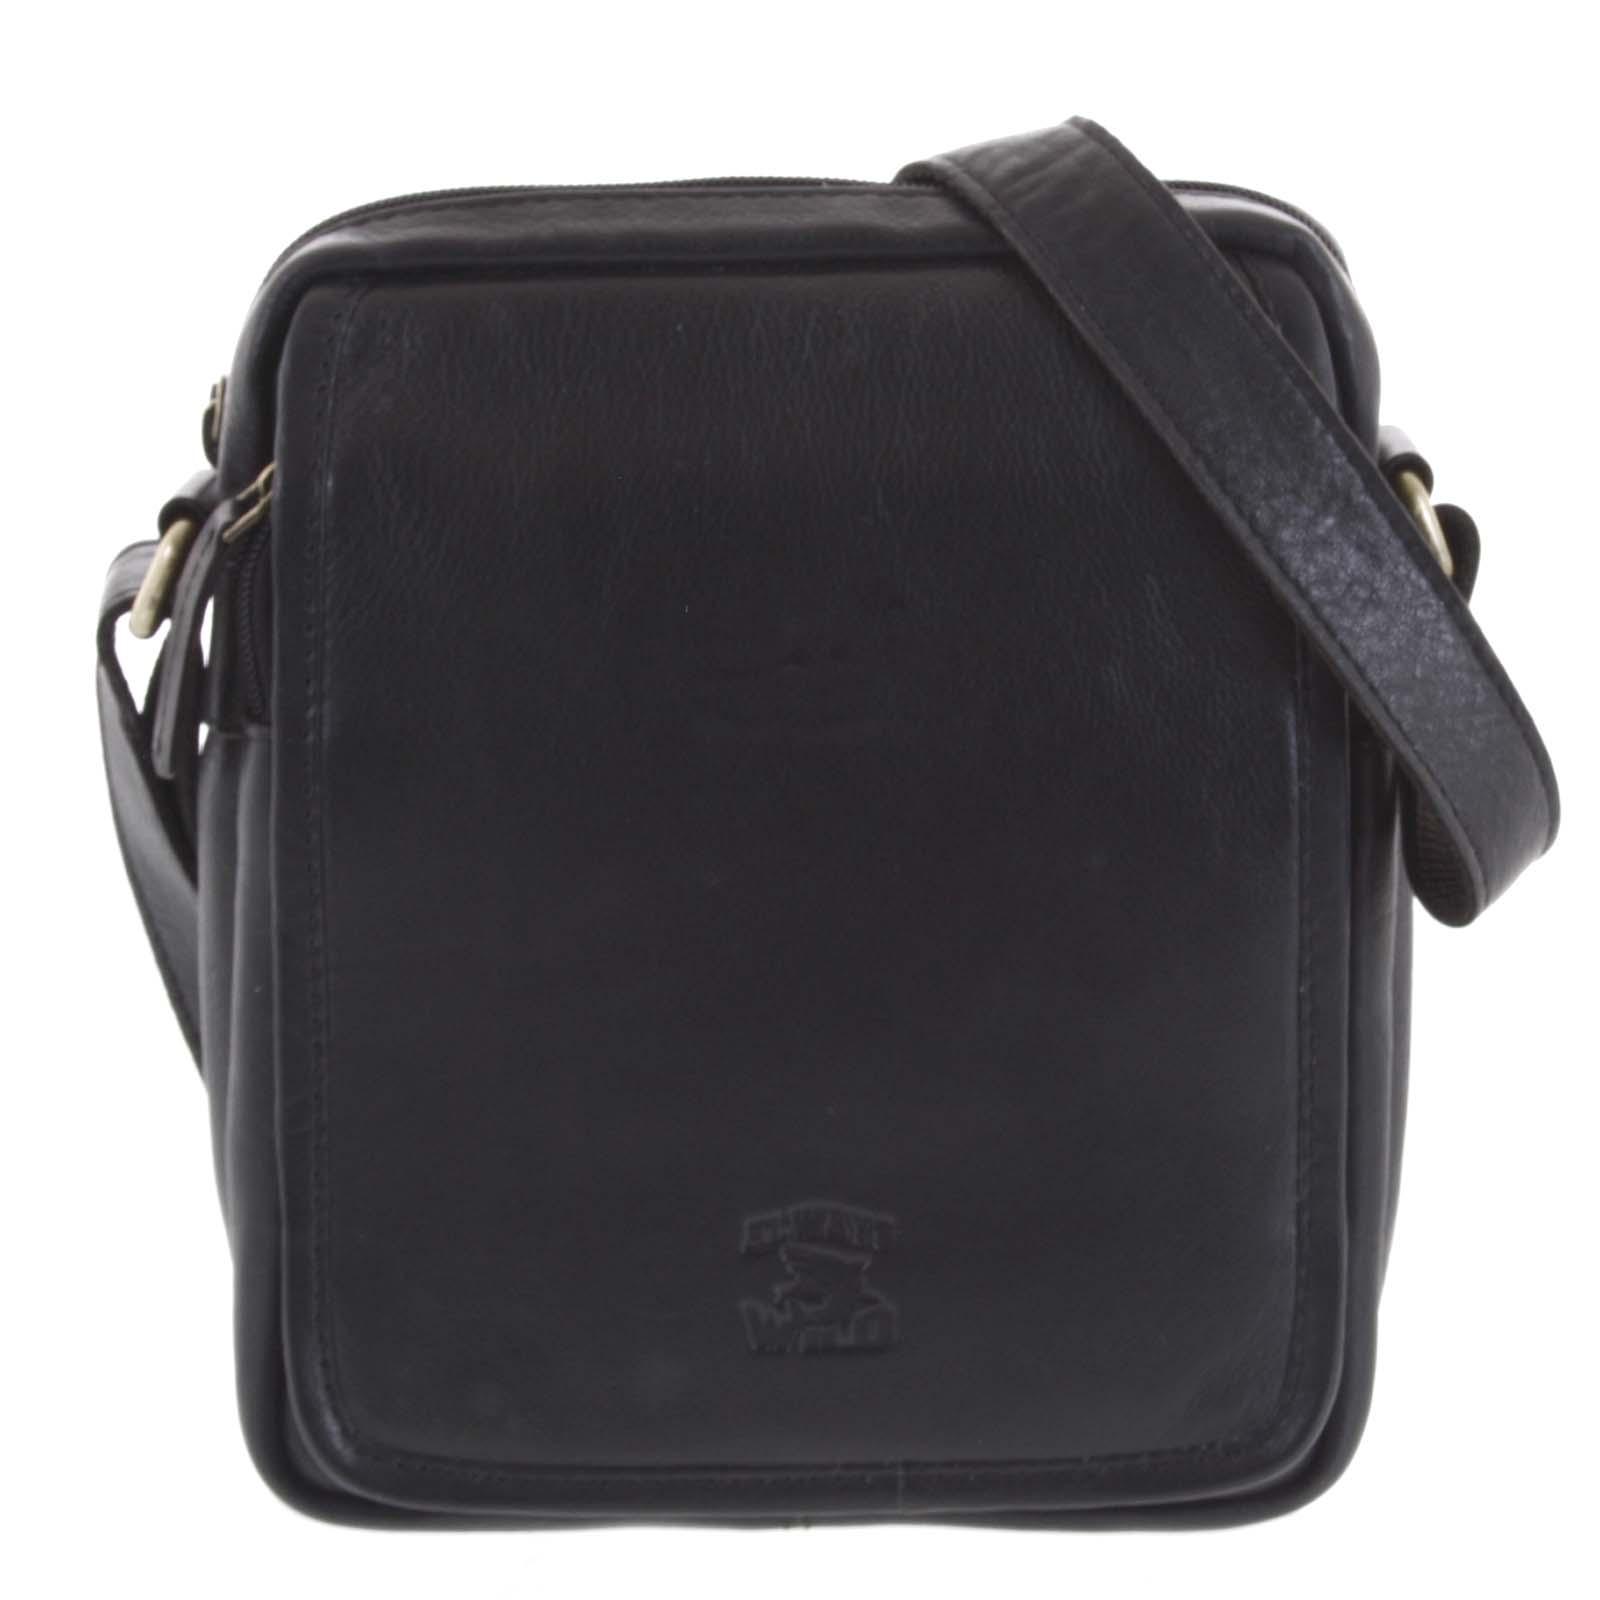 Čierna klasická pánska kožená taška - WILD More čierna